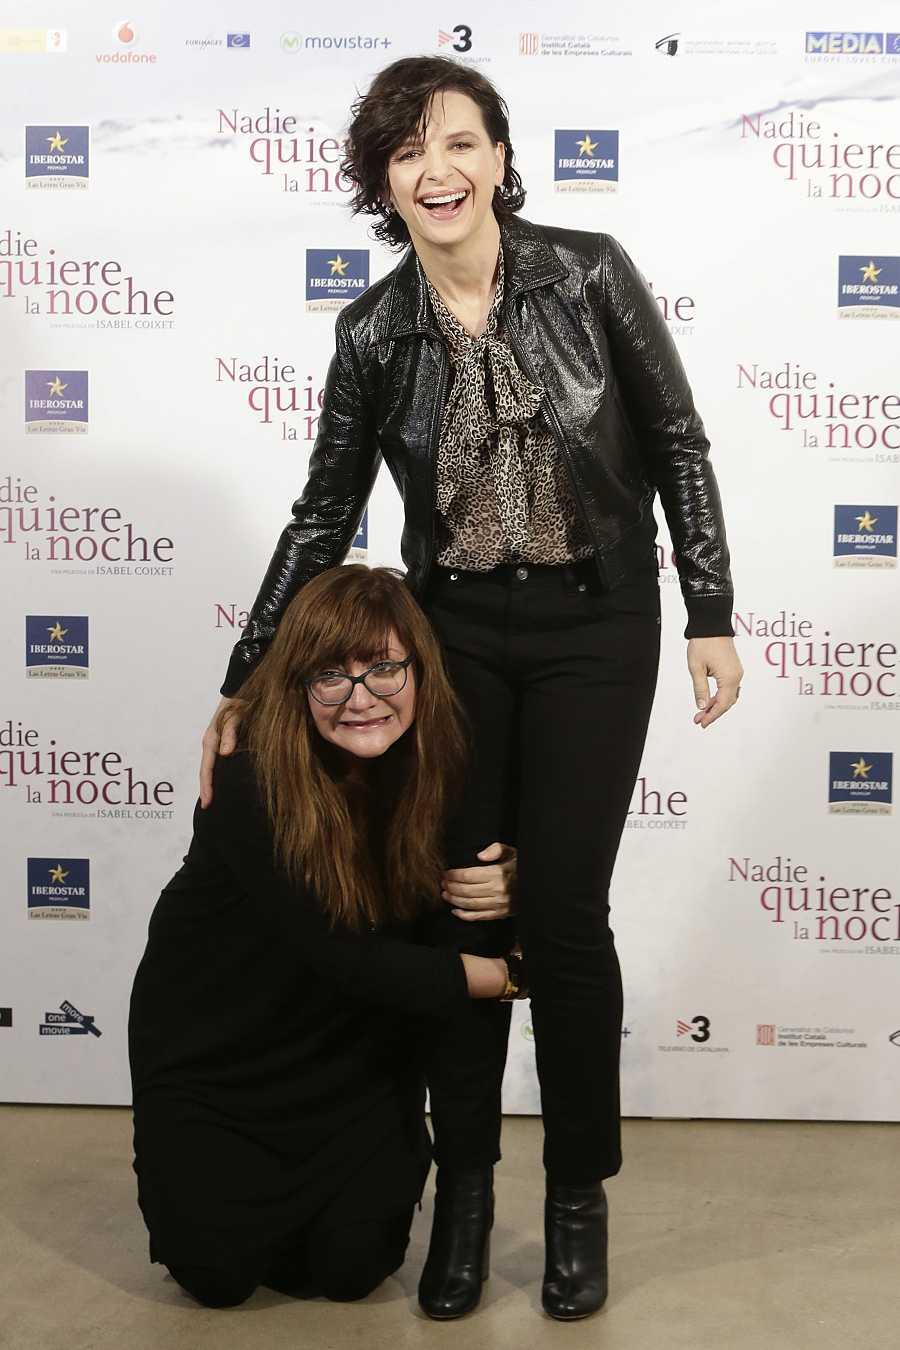 Isabel Coixet y Juliette Binoche en la premiere de 'Nadie quiere la noche' en Madrid, 2 de noviembre de 2015